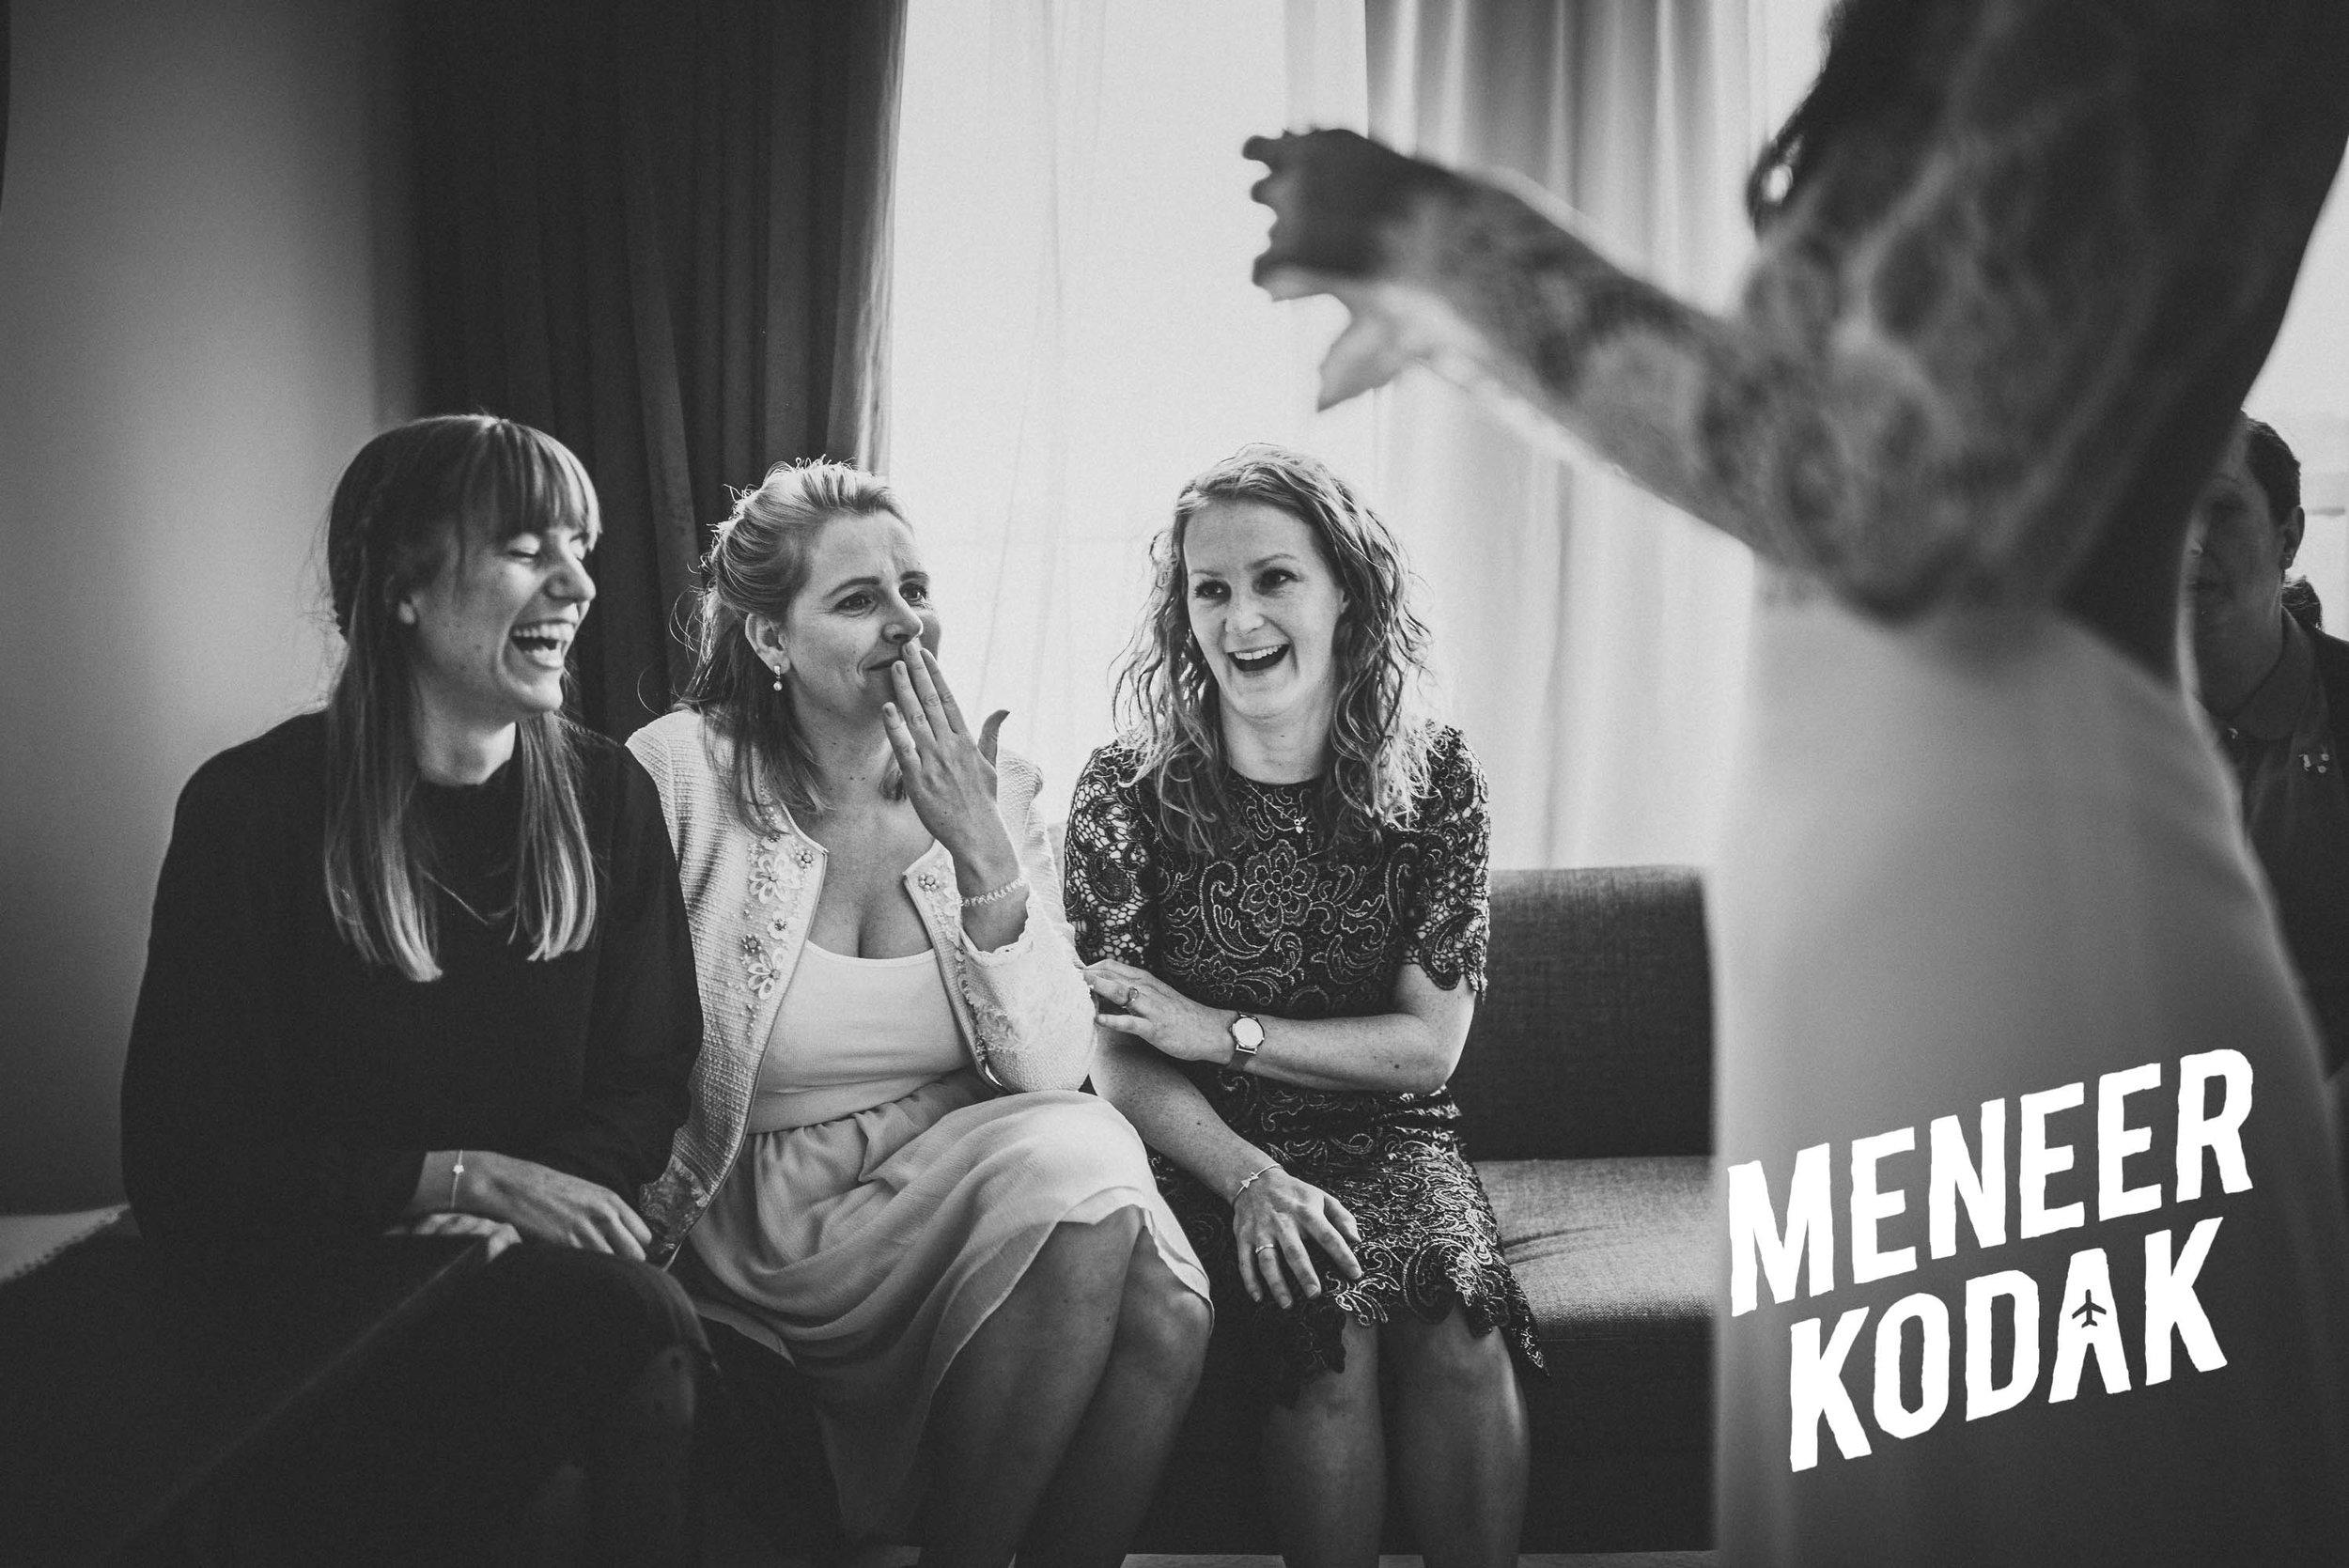 Meneer Kodak - Bruidsfotograaf - Amsterdam - M&J-009.jpg